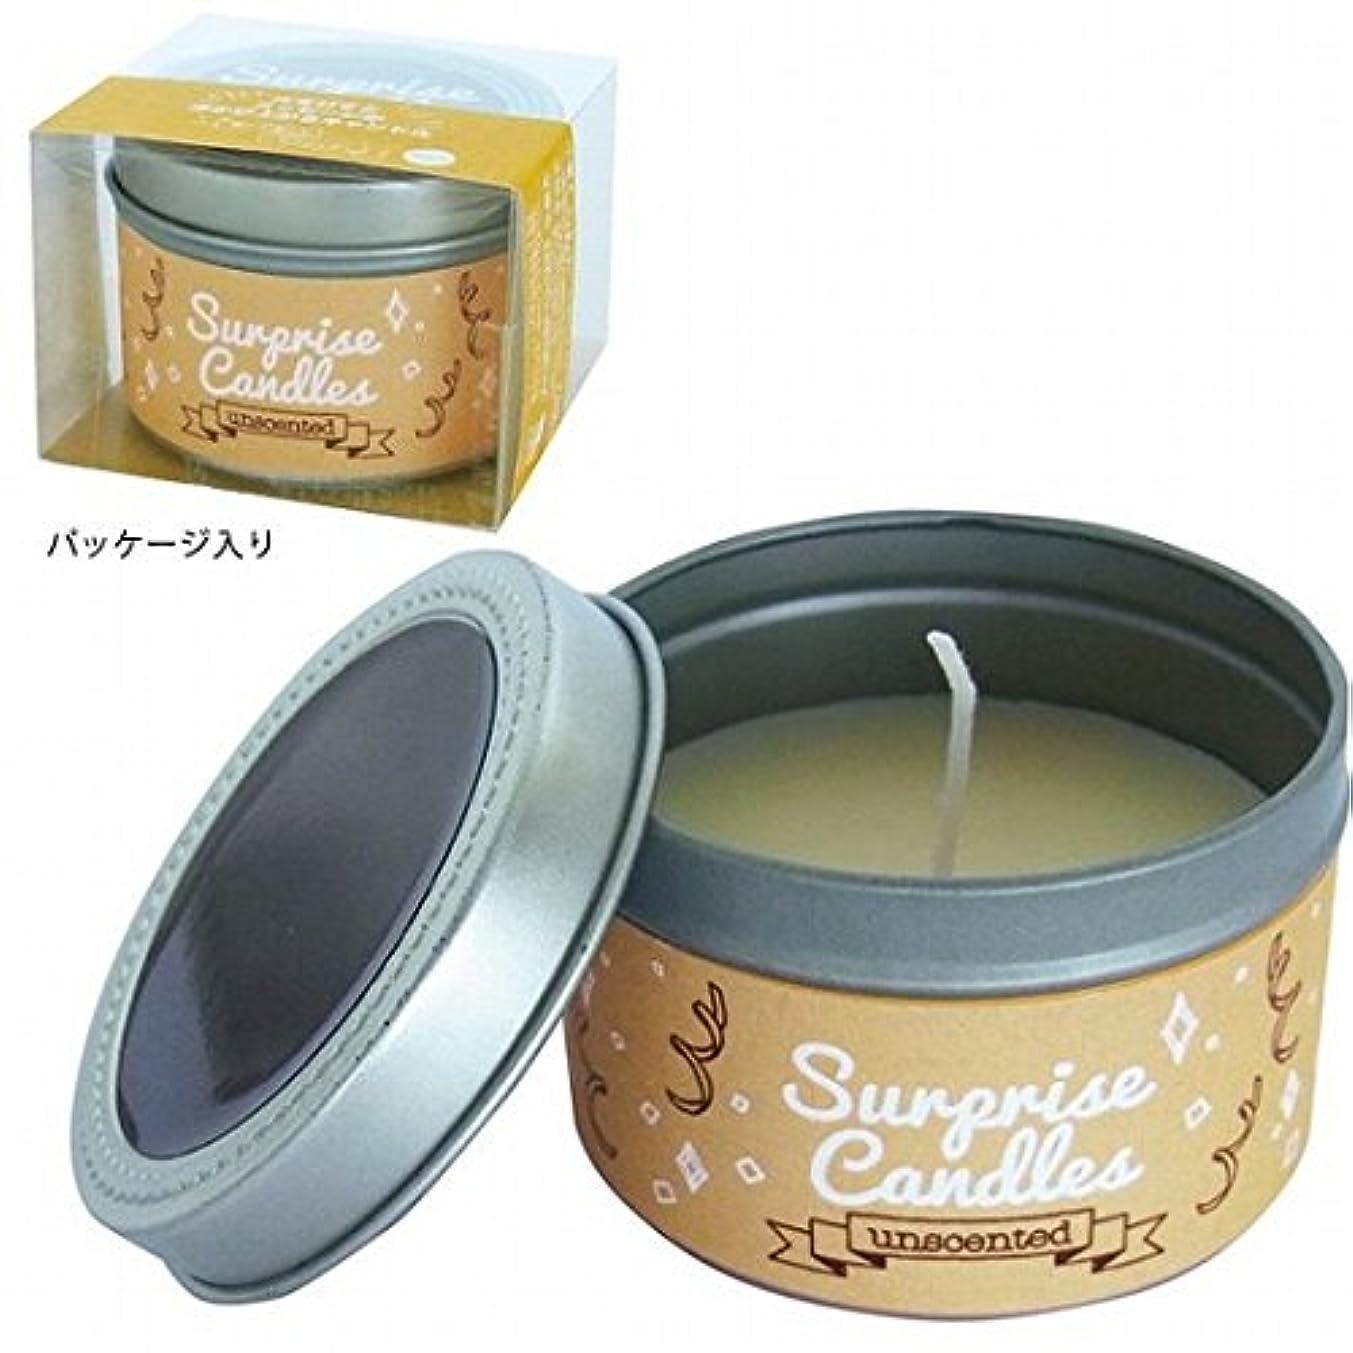 ブラウンモルヒネ回答kameyama candle(カメヤマキャンドル) サプライズキャンドル 「無香」(A207005010)